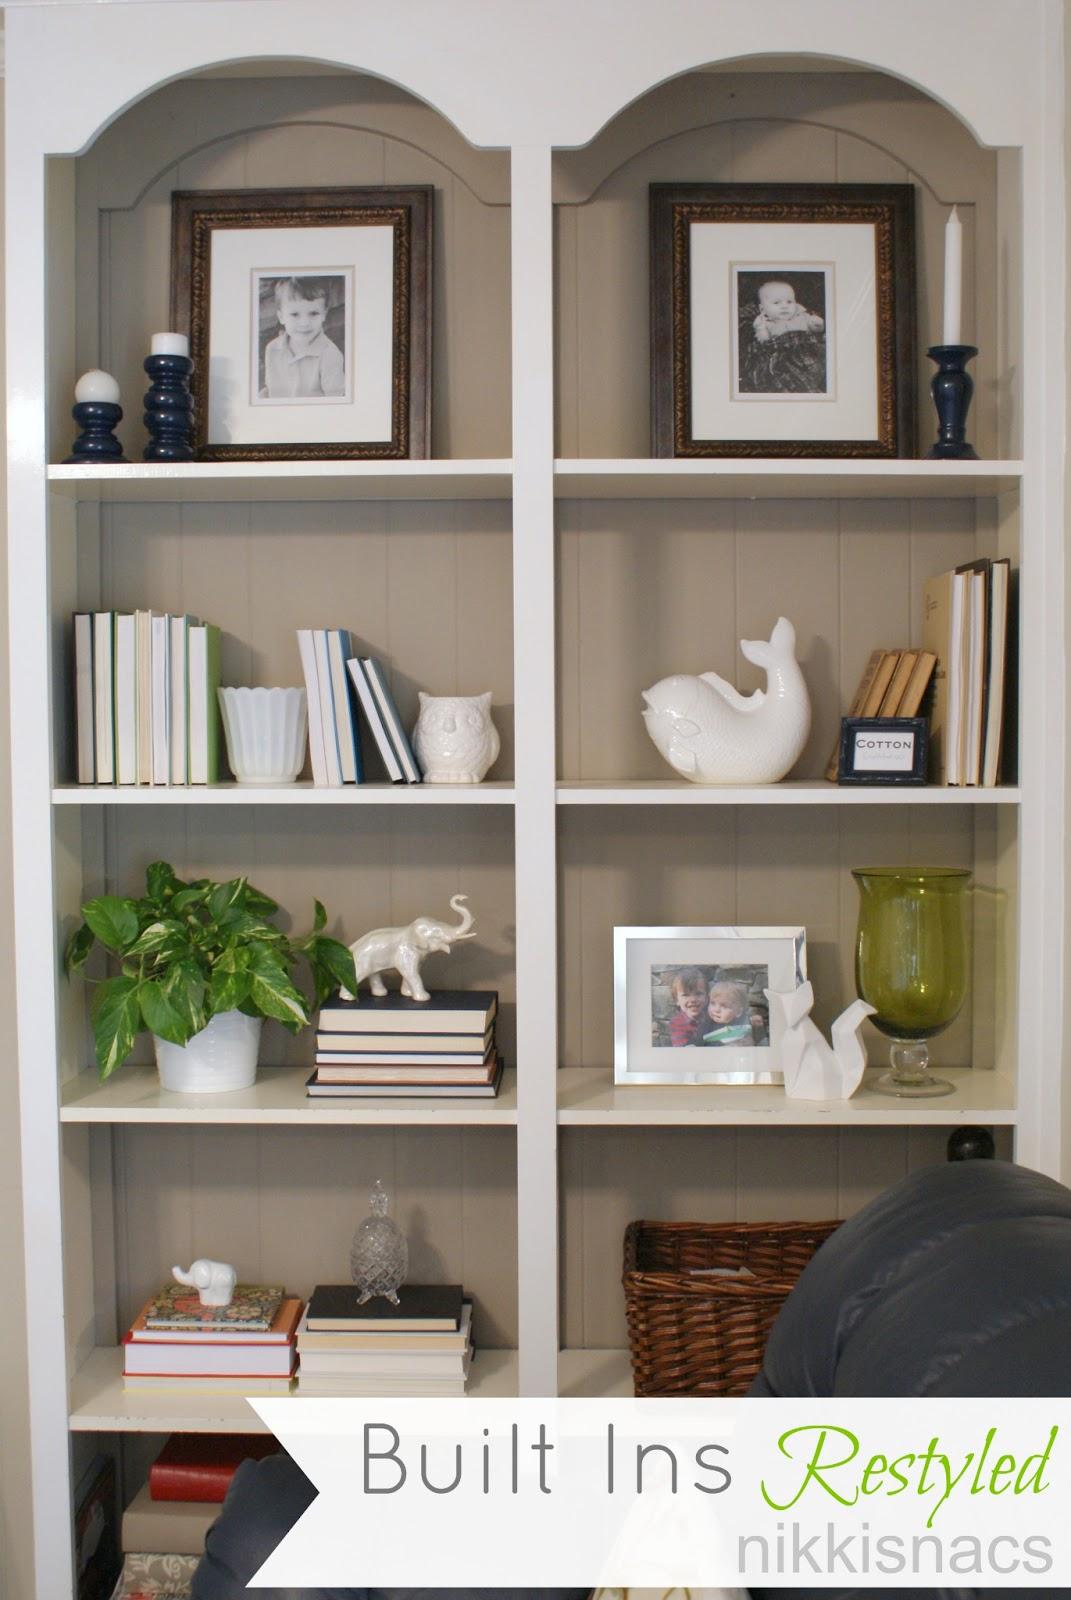 Bookshelf Decorating Ideas Pinterest: Nikkis' Nacs: The Built Ins